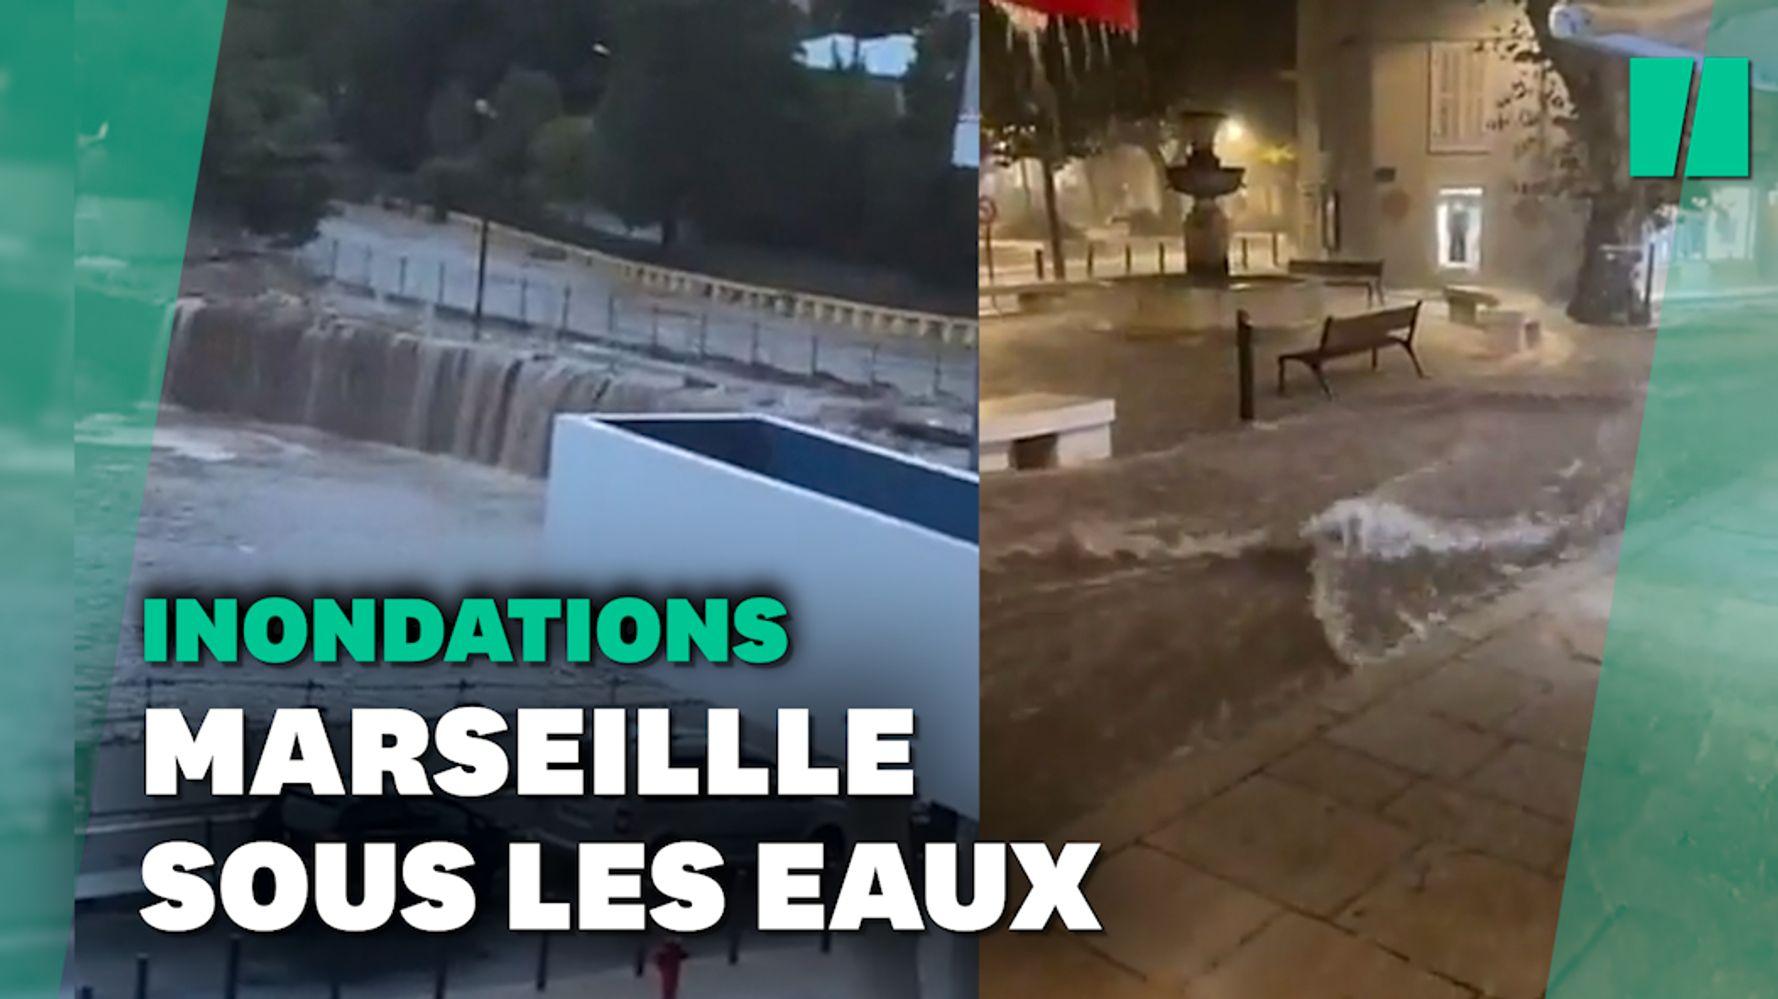 Météo à Marseille: les premières images des inondations dans la ville